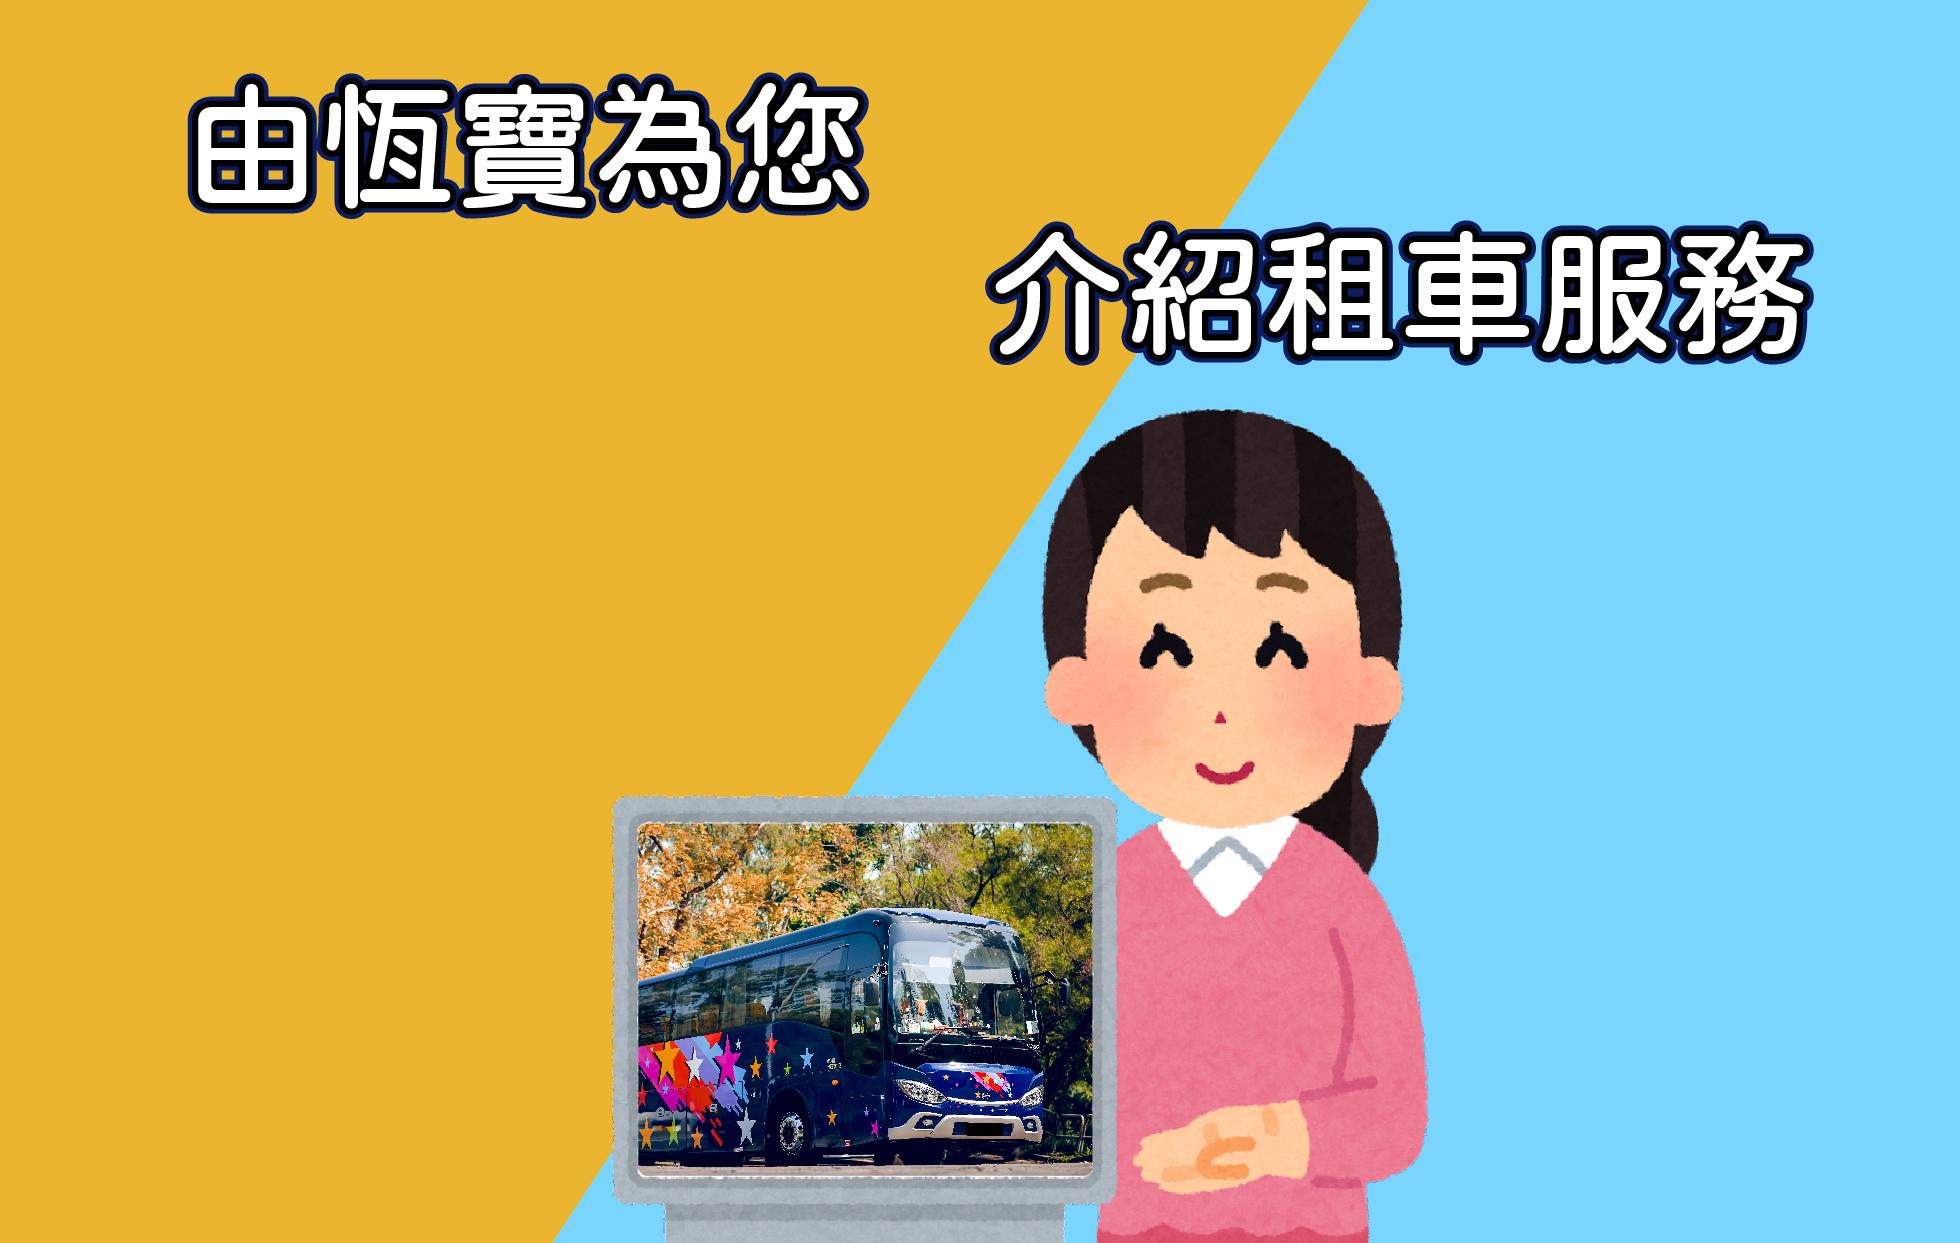 恆寶旅運提供租旅遊巴服務